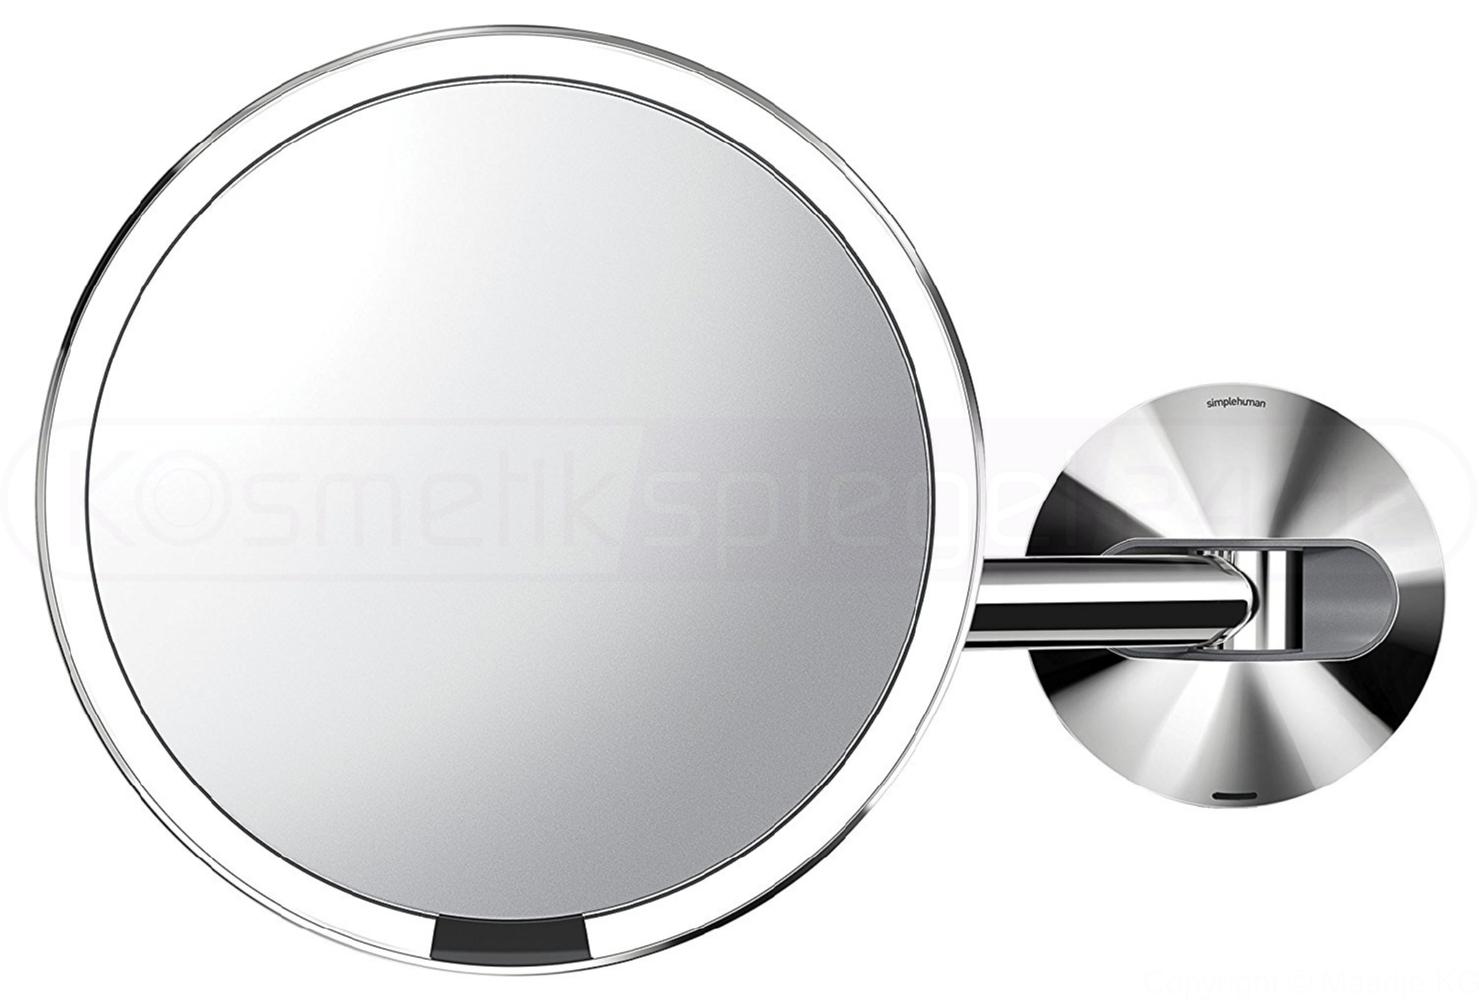 Sehr Kosmetikspiegel online kaufen | MAEDJE KG - LED Kosmetikspiegel RW77